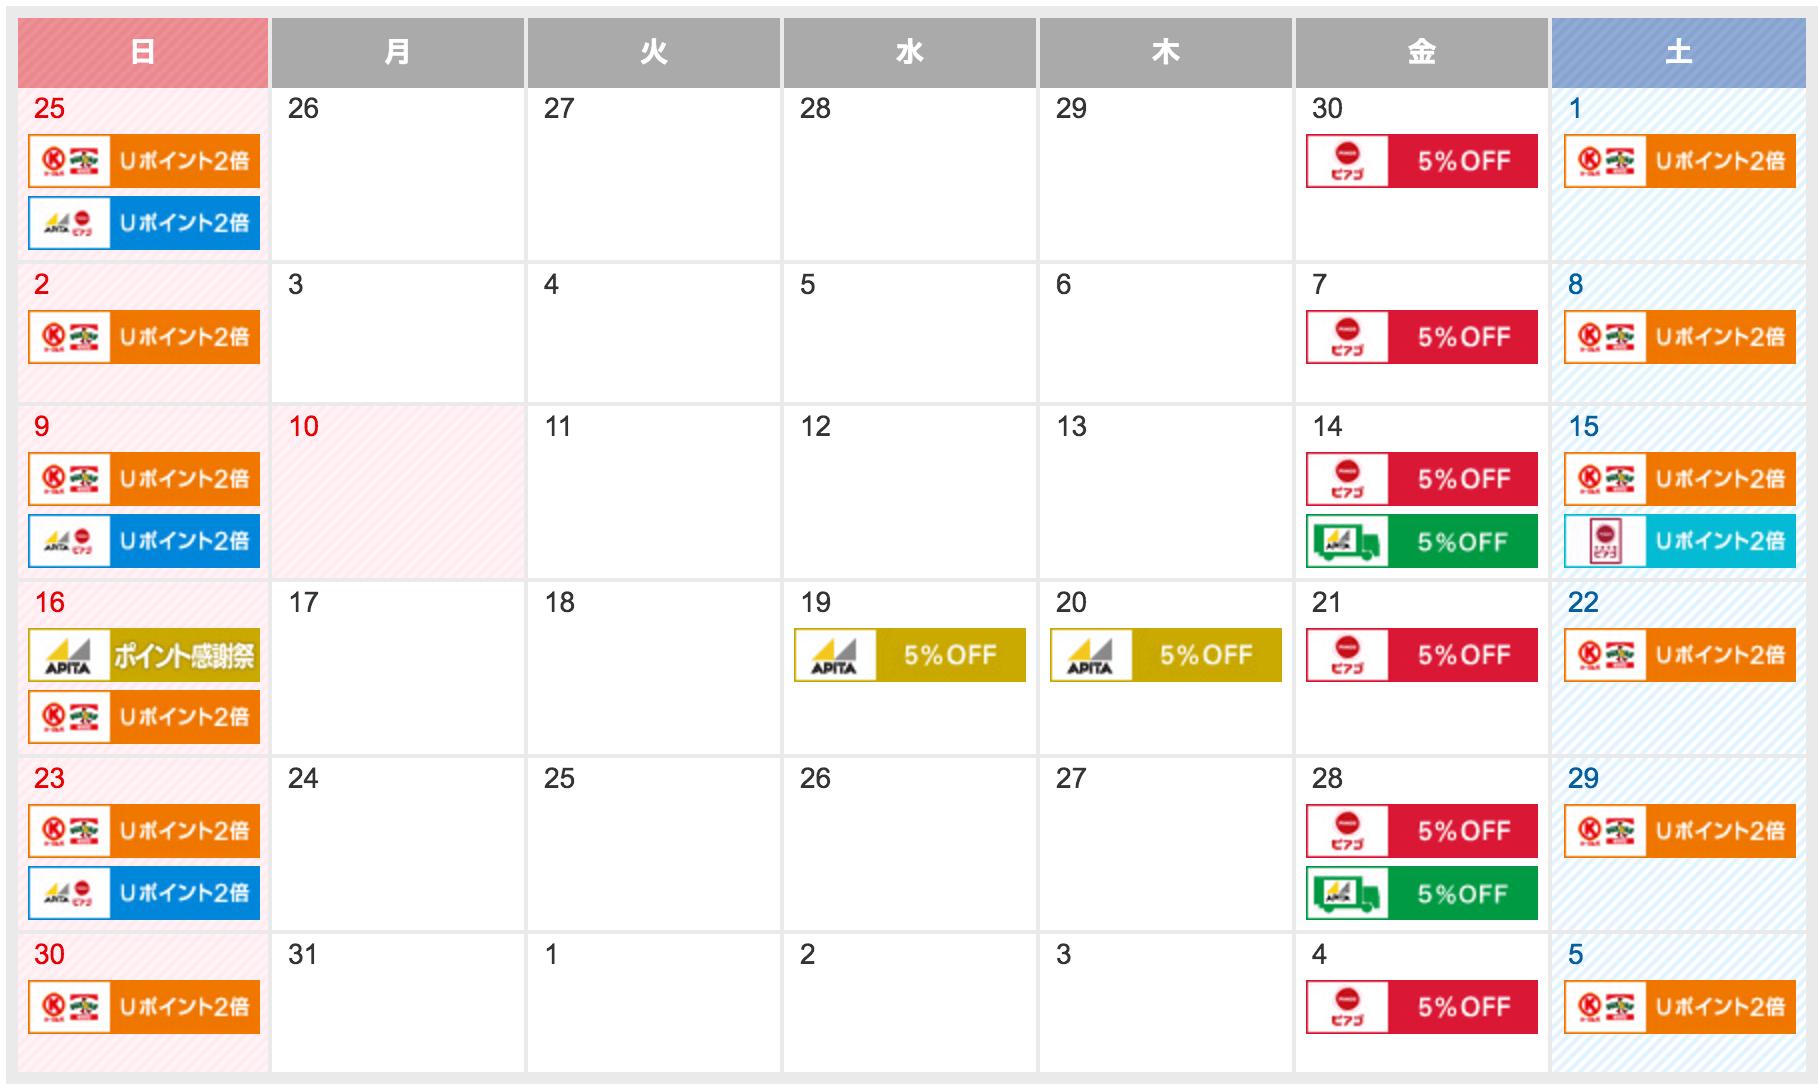 UCSゴールドカード 特典 カレンダー